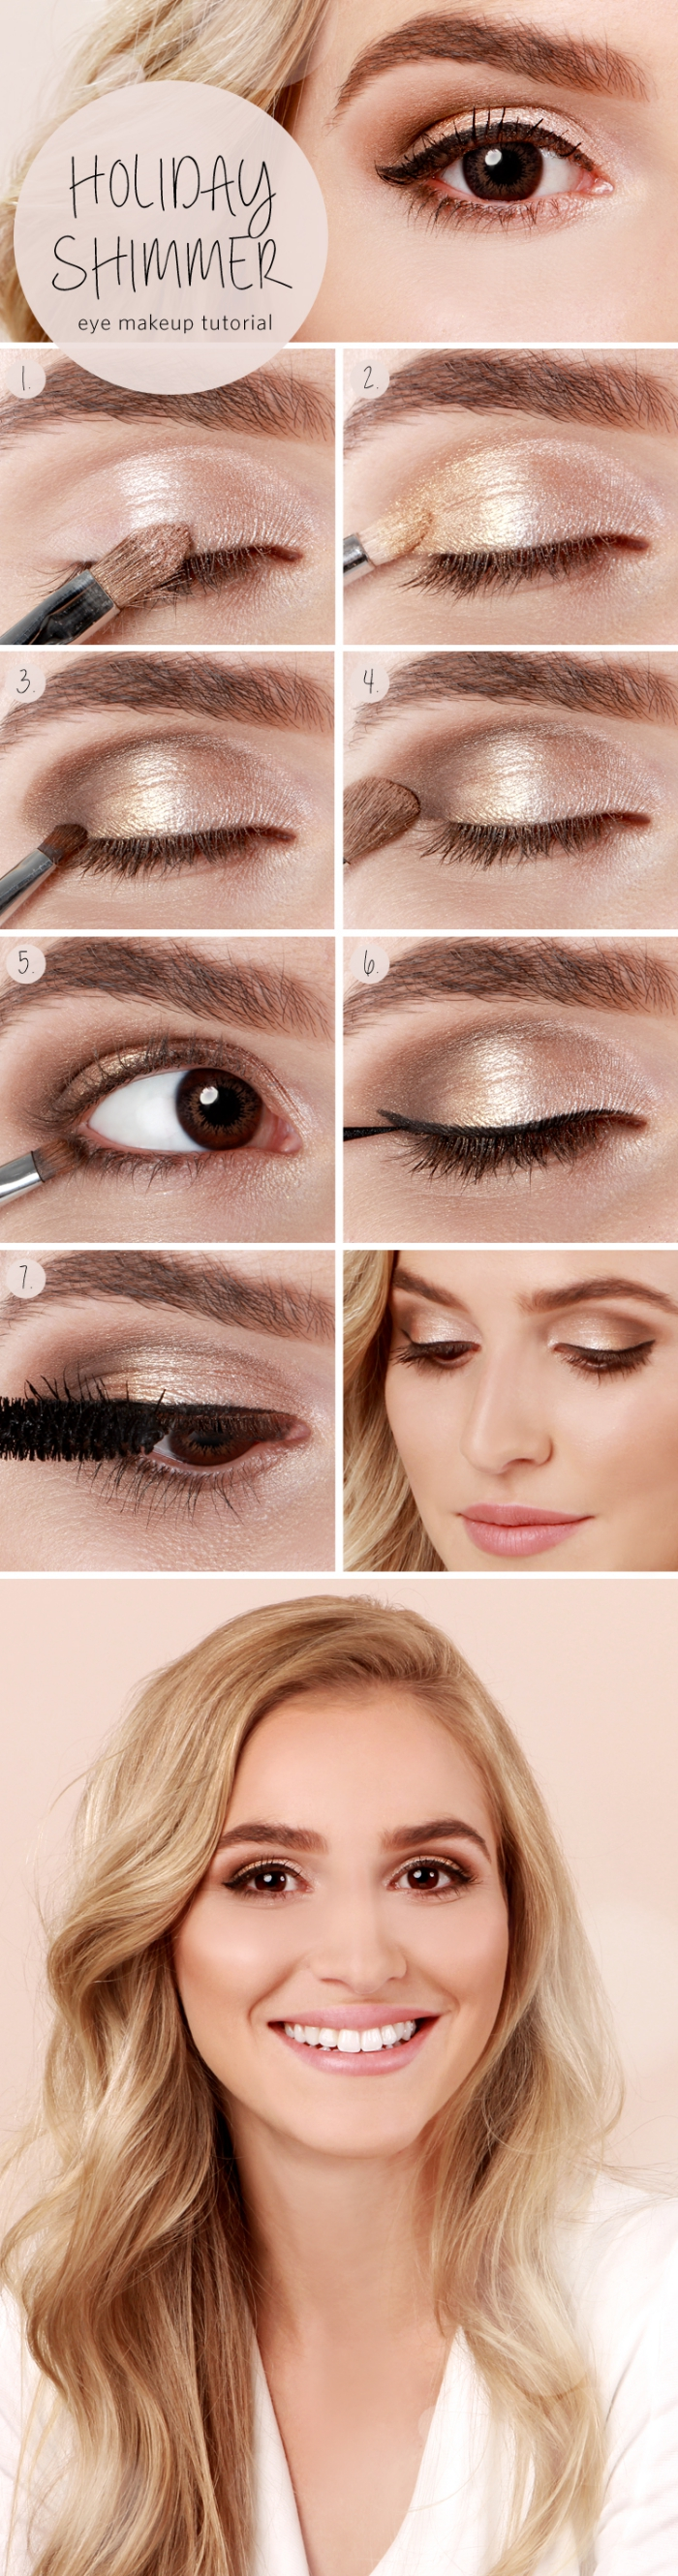 tuto maquillage femme blonde au teint bronzé, comment se maquiller les yeux avec eye-liner noir